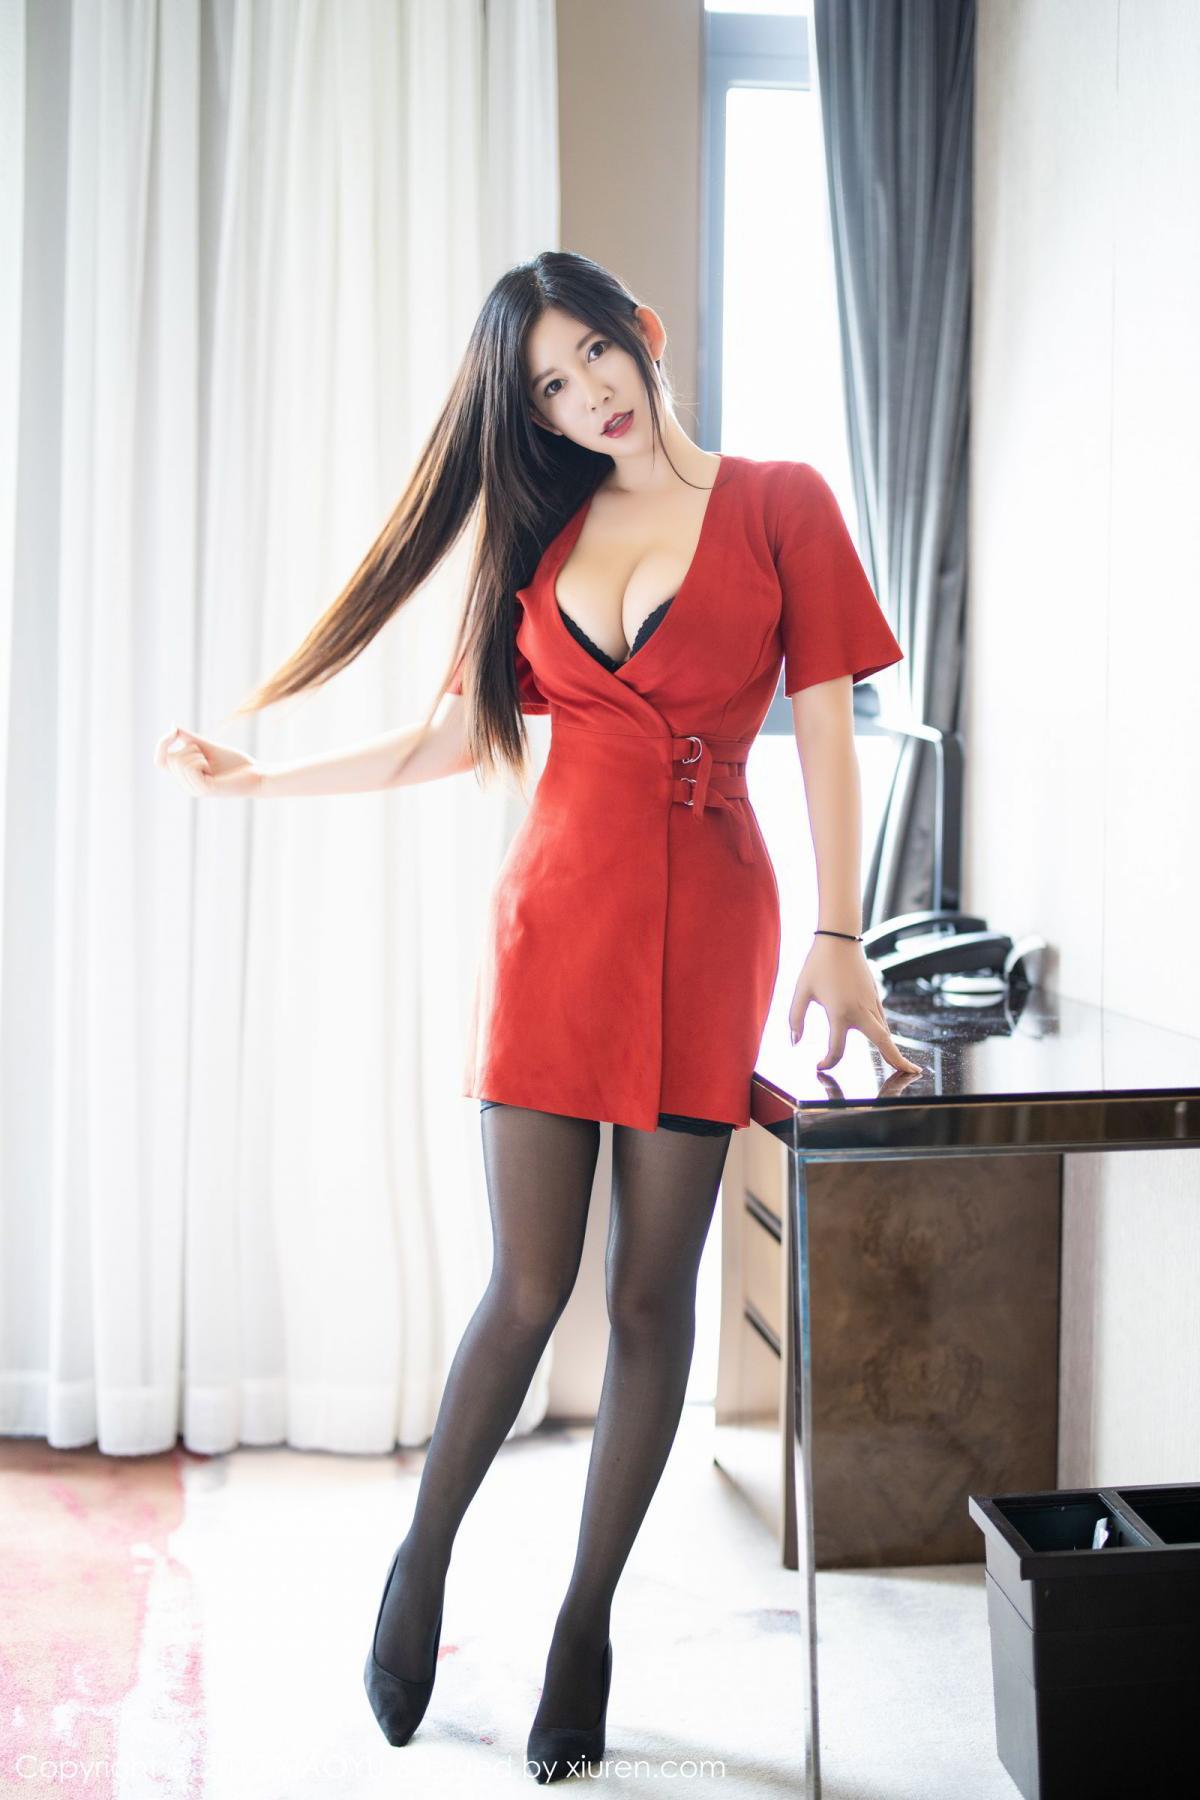 [XiaoYu] Vol.166 Li Ya 1P, Li Ya, Underwear, XiaoYu